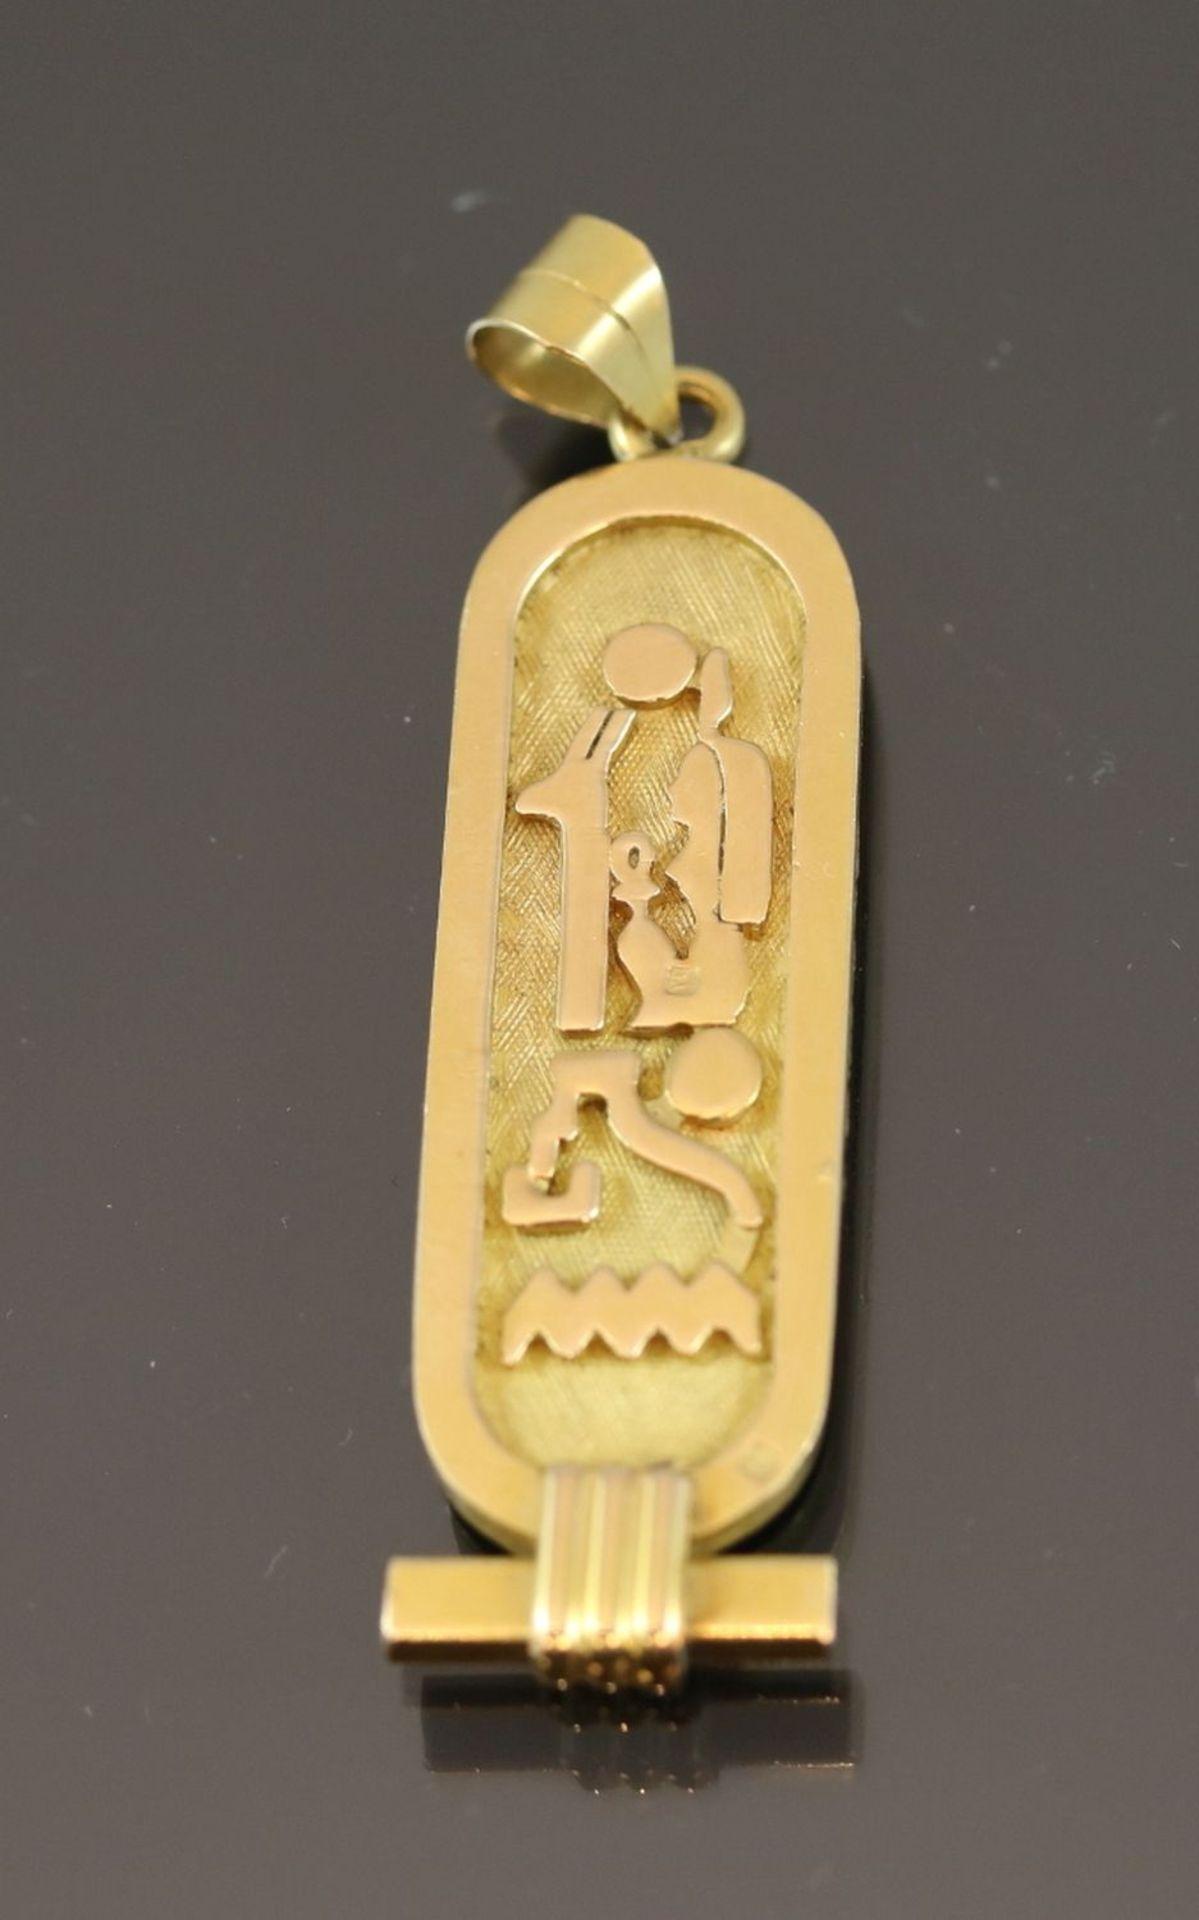 Ägyptischer-Anhänger, 900 Gold15,9 Gramm Länge: 6 cm - Bild 3 aus 4